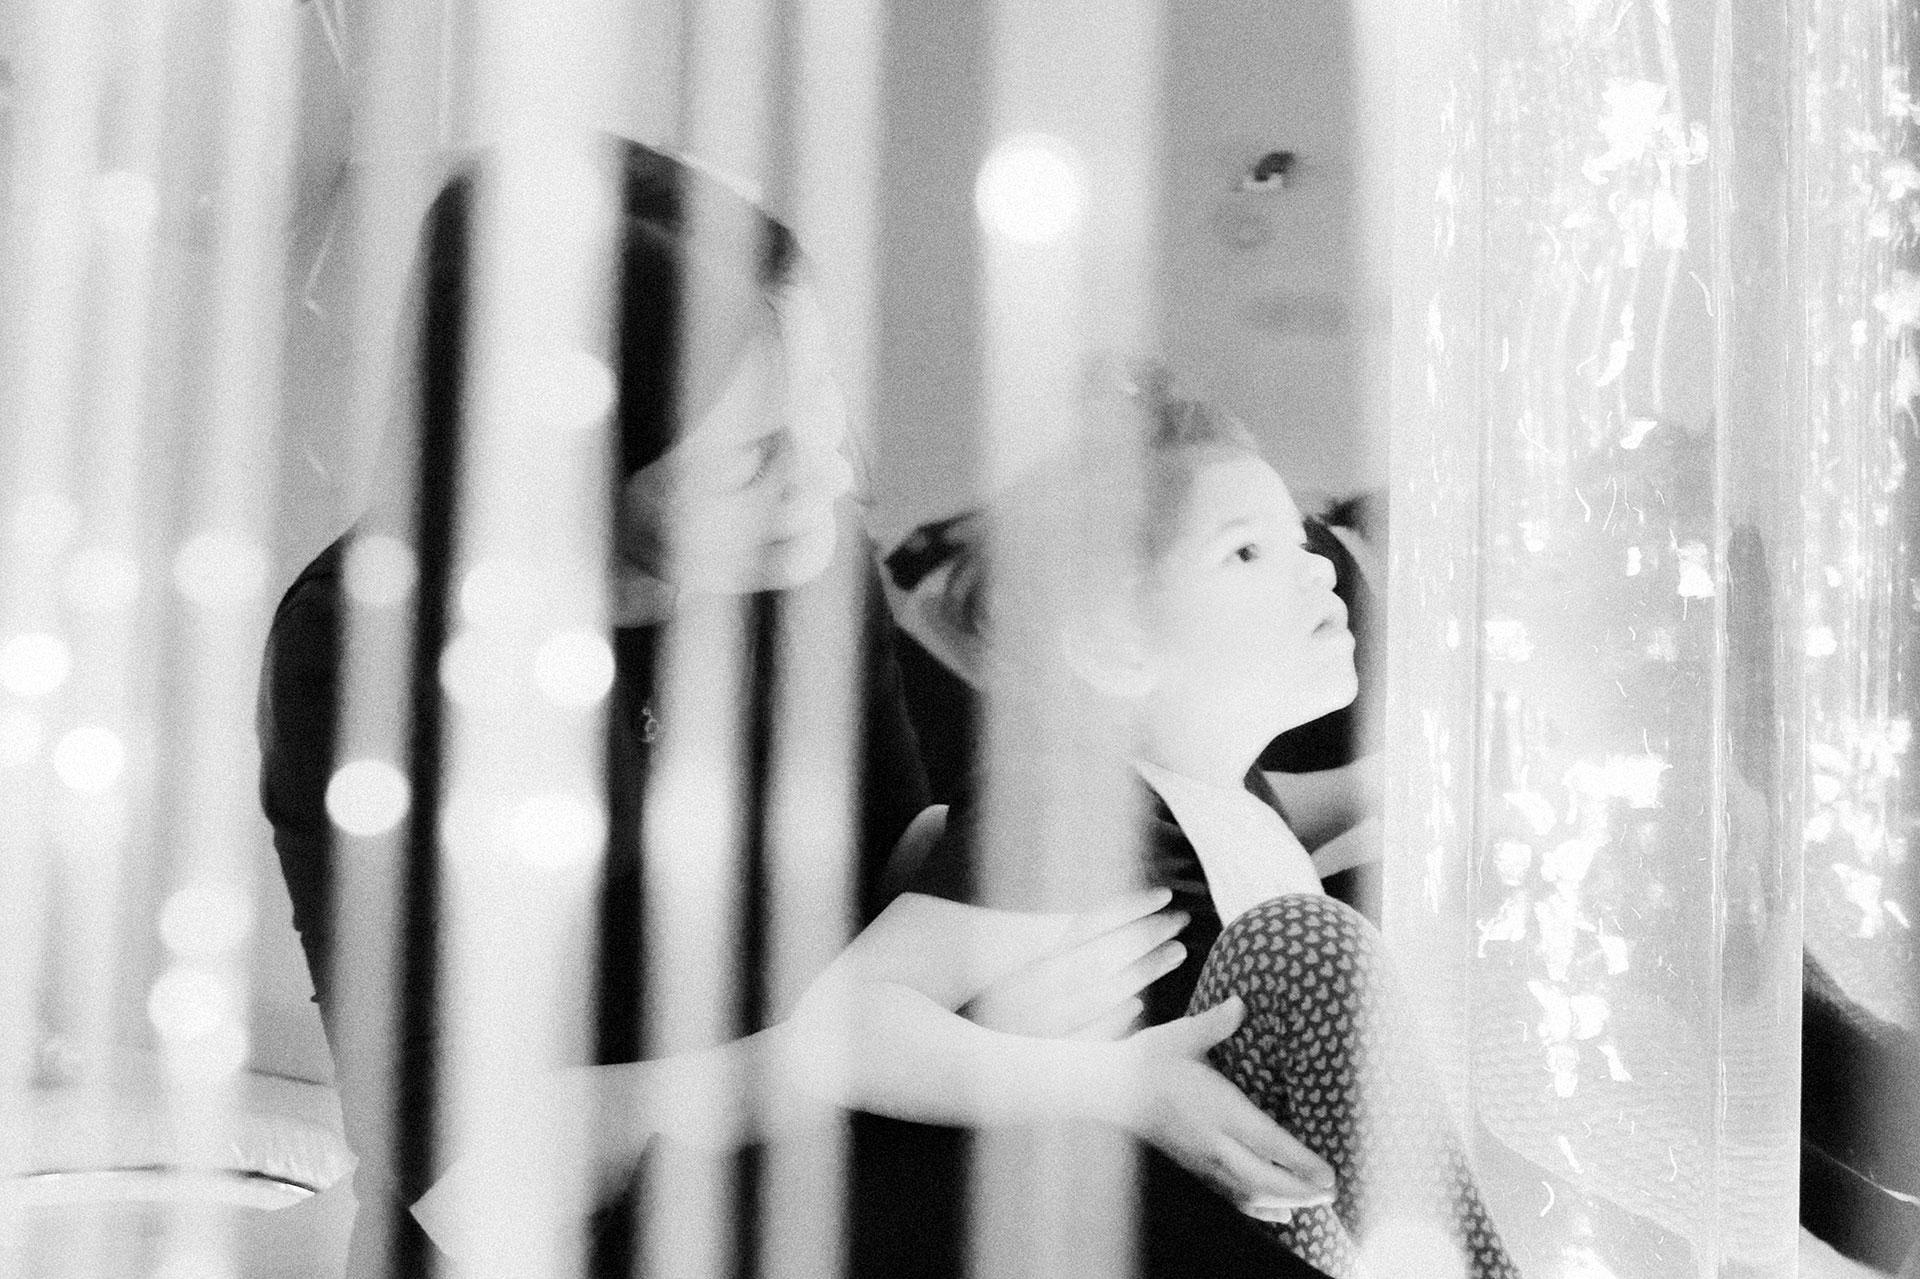 Zhenya, durante una sesión con la psicóloga social en la sala de estimulación sensorial.